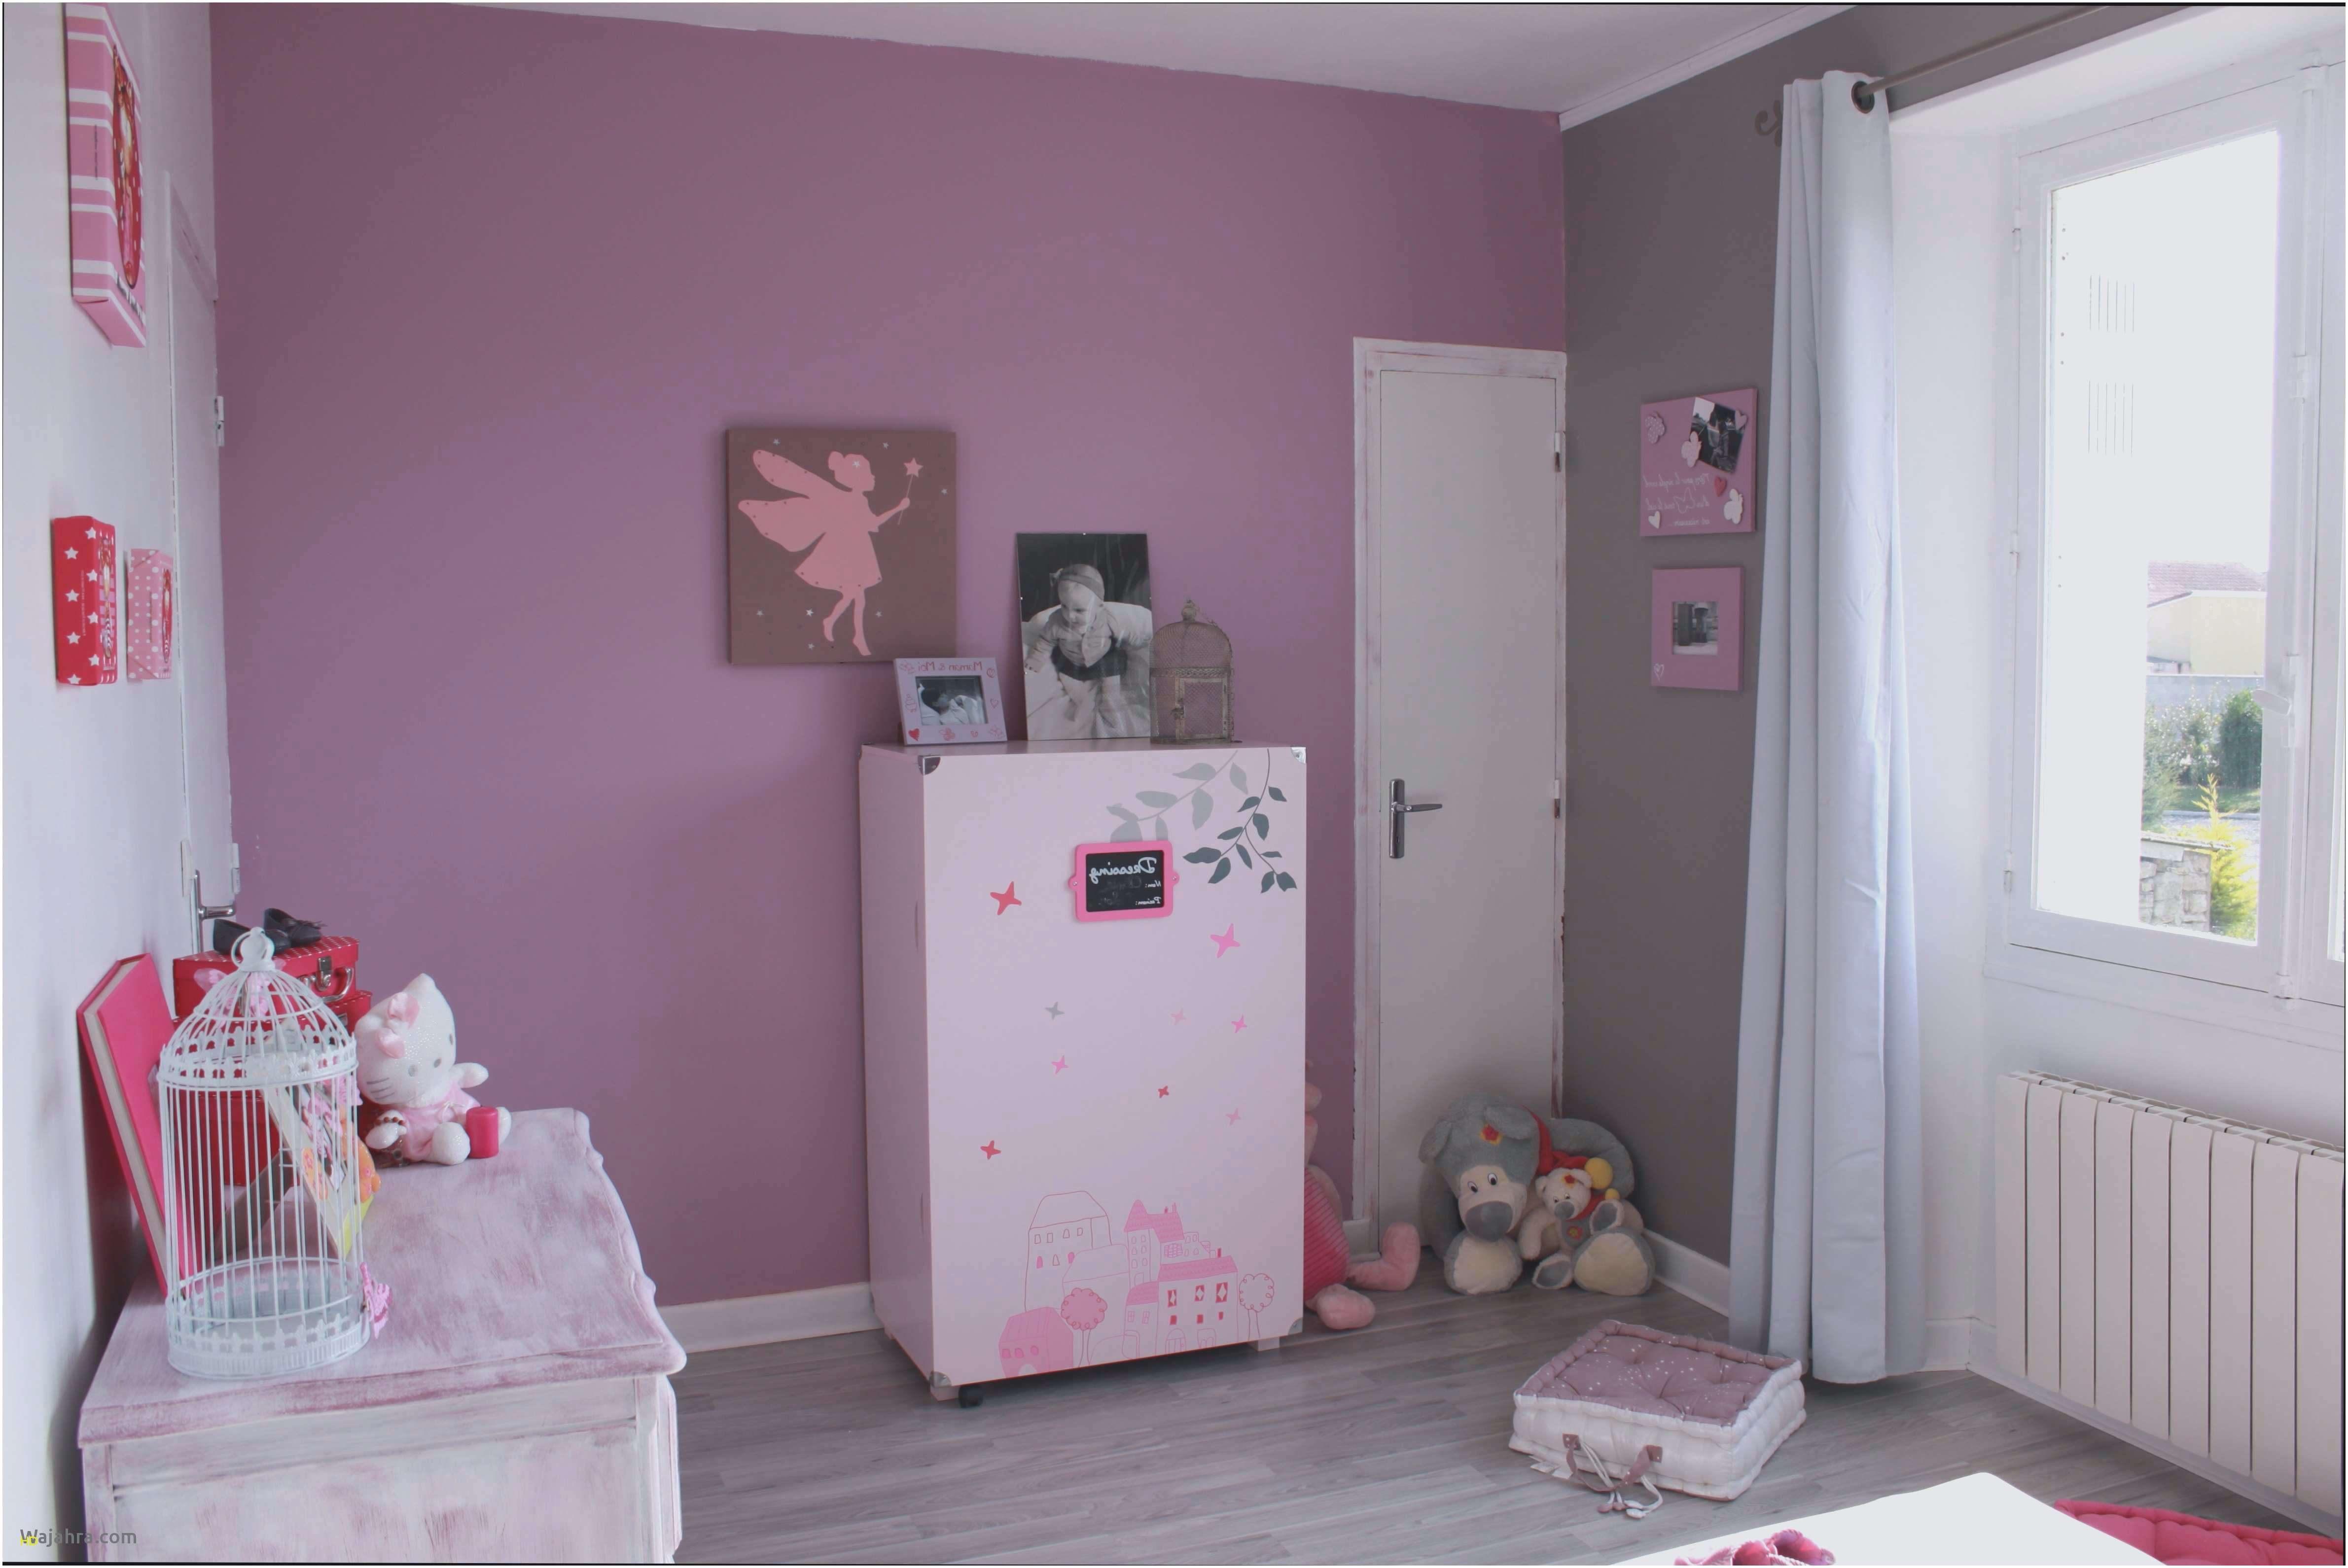 Lit Superposé Enfant Pas Cher Le Luxe Unique Chambre Bébé Jumeaux Lit De Bébé Rideau Enfant Pas Cher 10